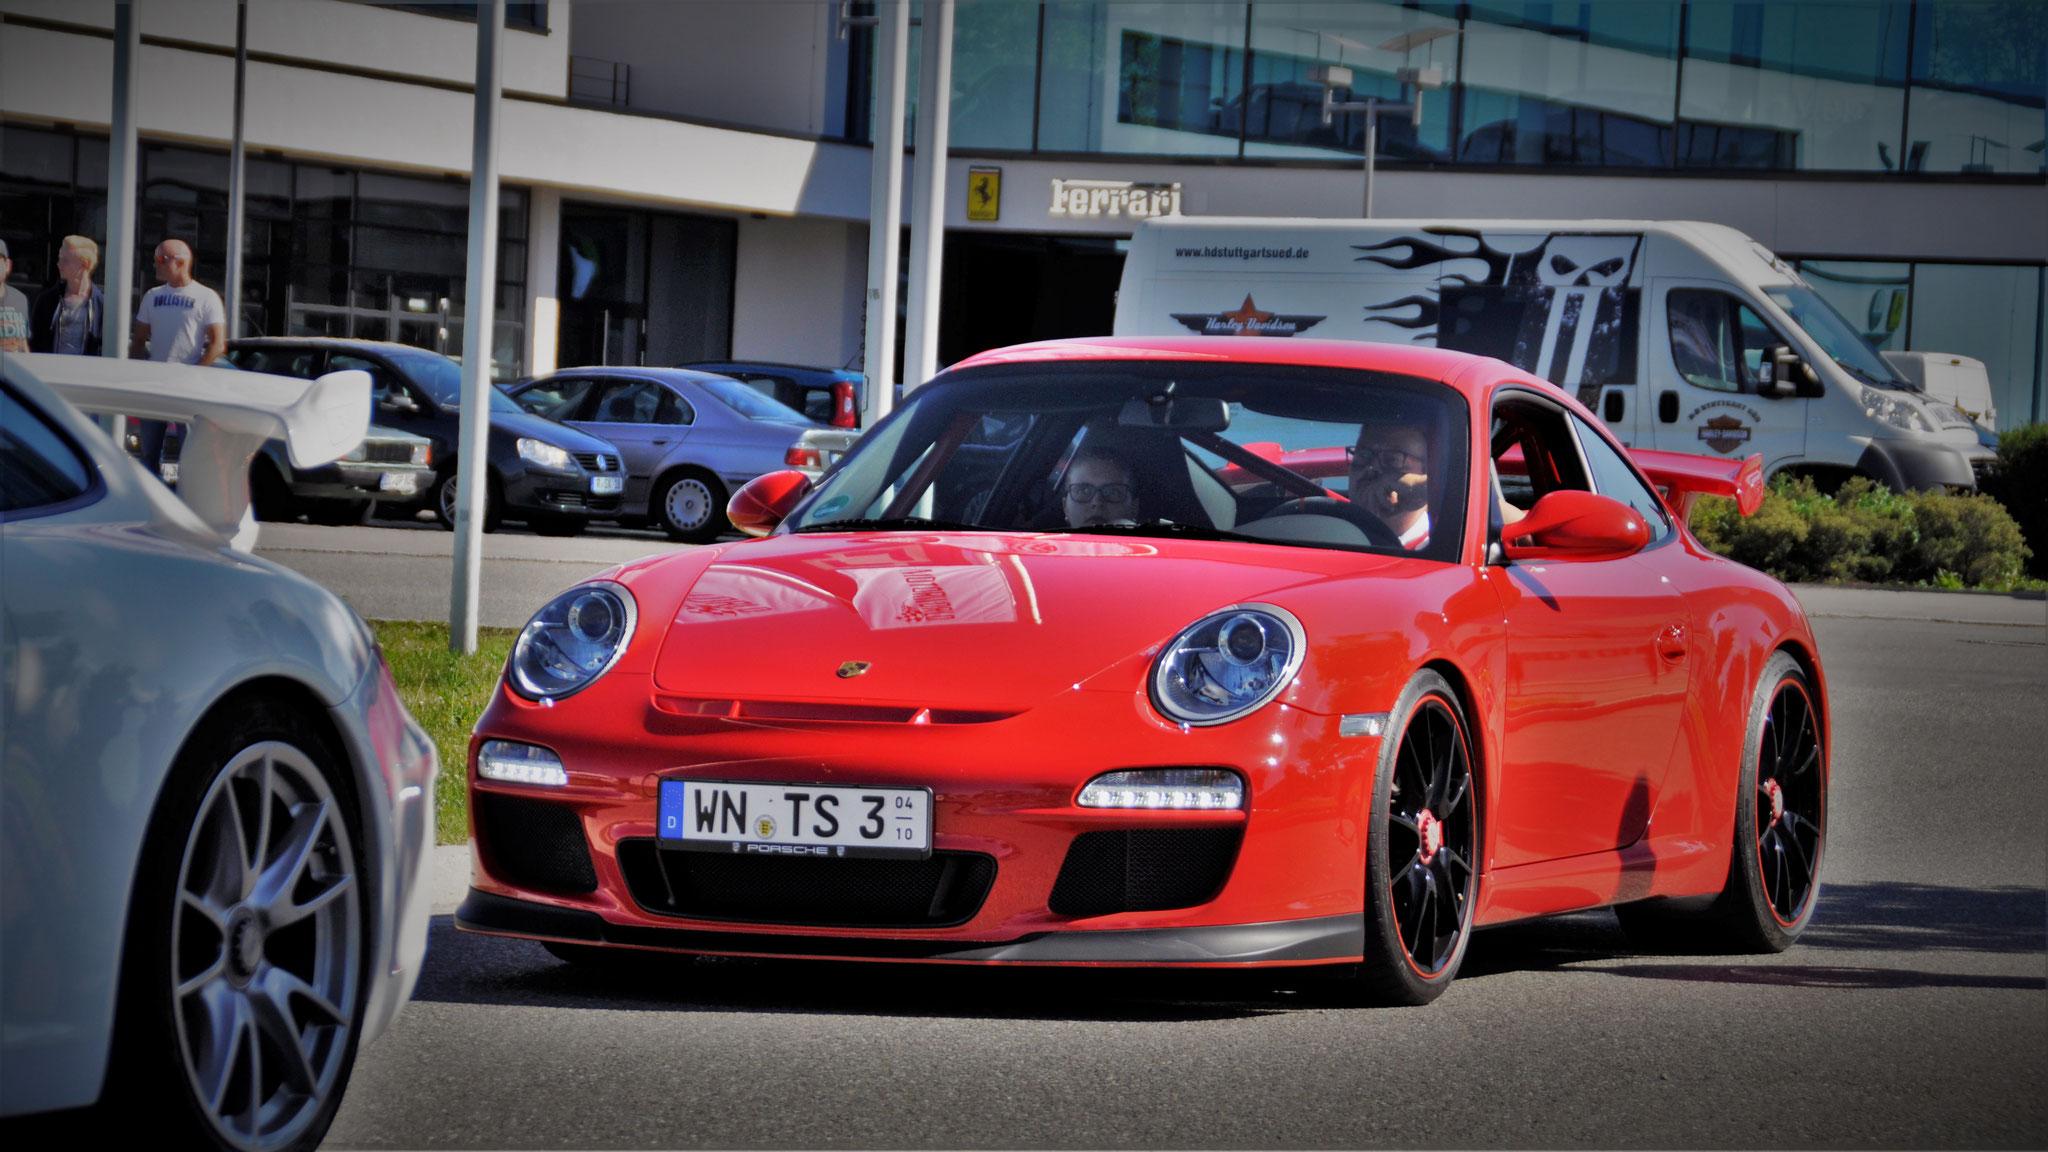 Porsche GT3 997 - WN-TS-3